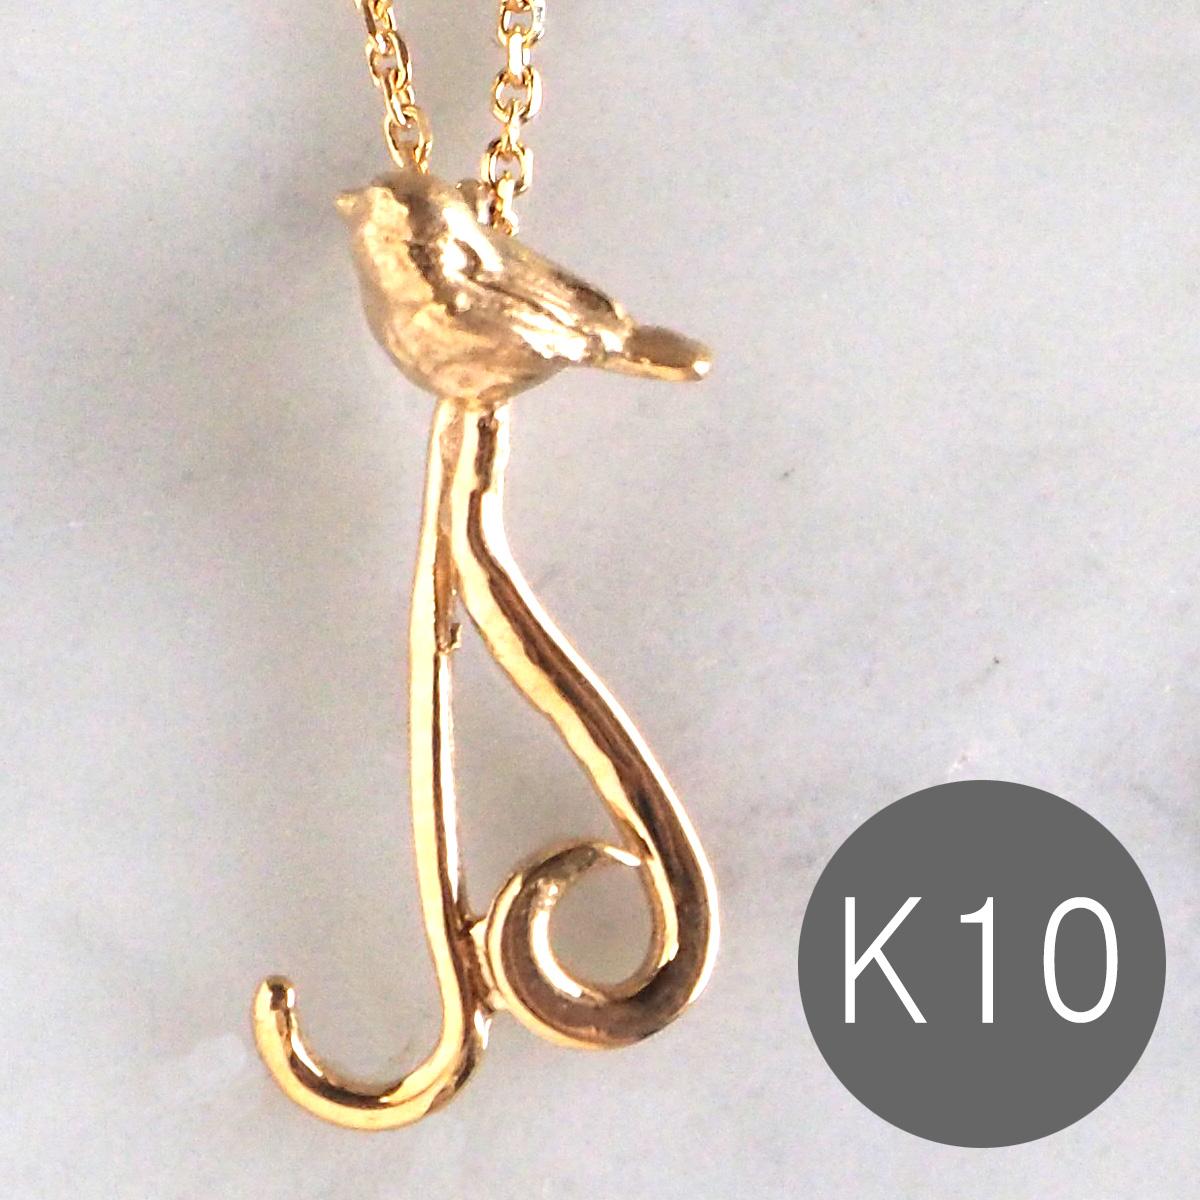 """DECOvienya(デコヴィーニャ) 手作りアクセサリー 10Kゴールド イニシャルネックレス """"S"""" シジュウカラ 穏やかで安定した心 [DE-10K-S]"""